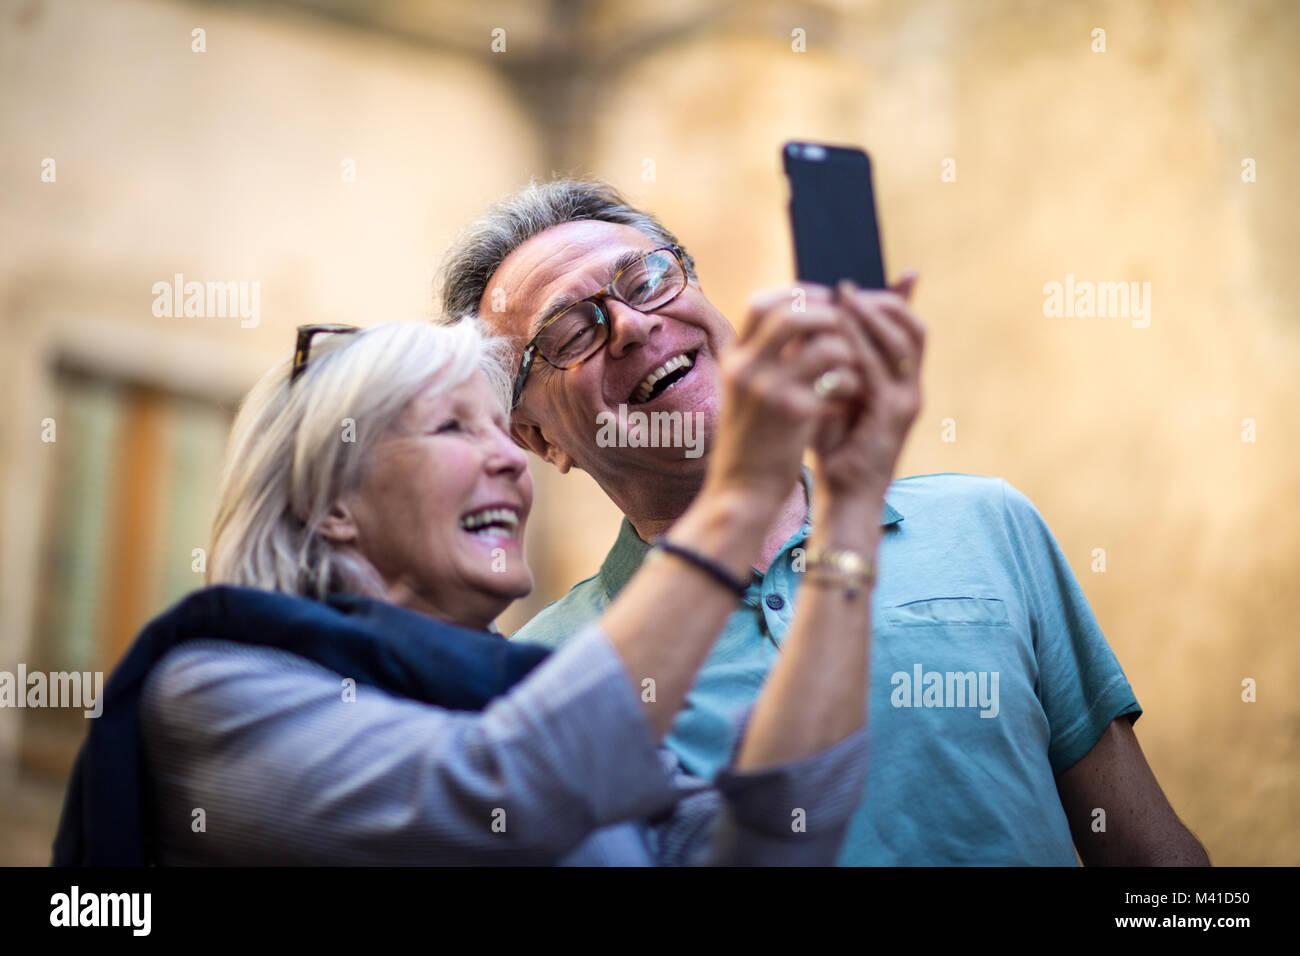 Alto par de vacaciones tomando un selfie o videollamada Imagen De Stock